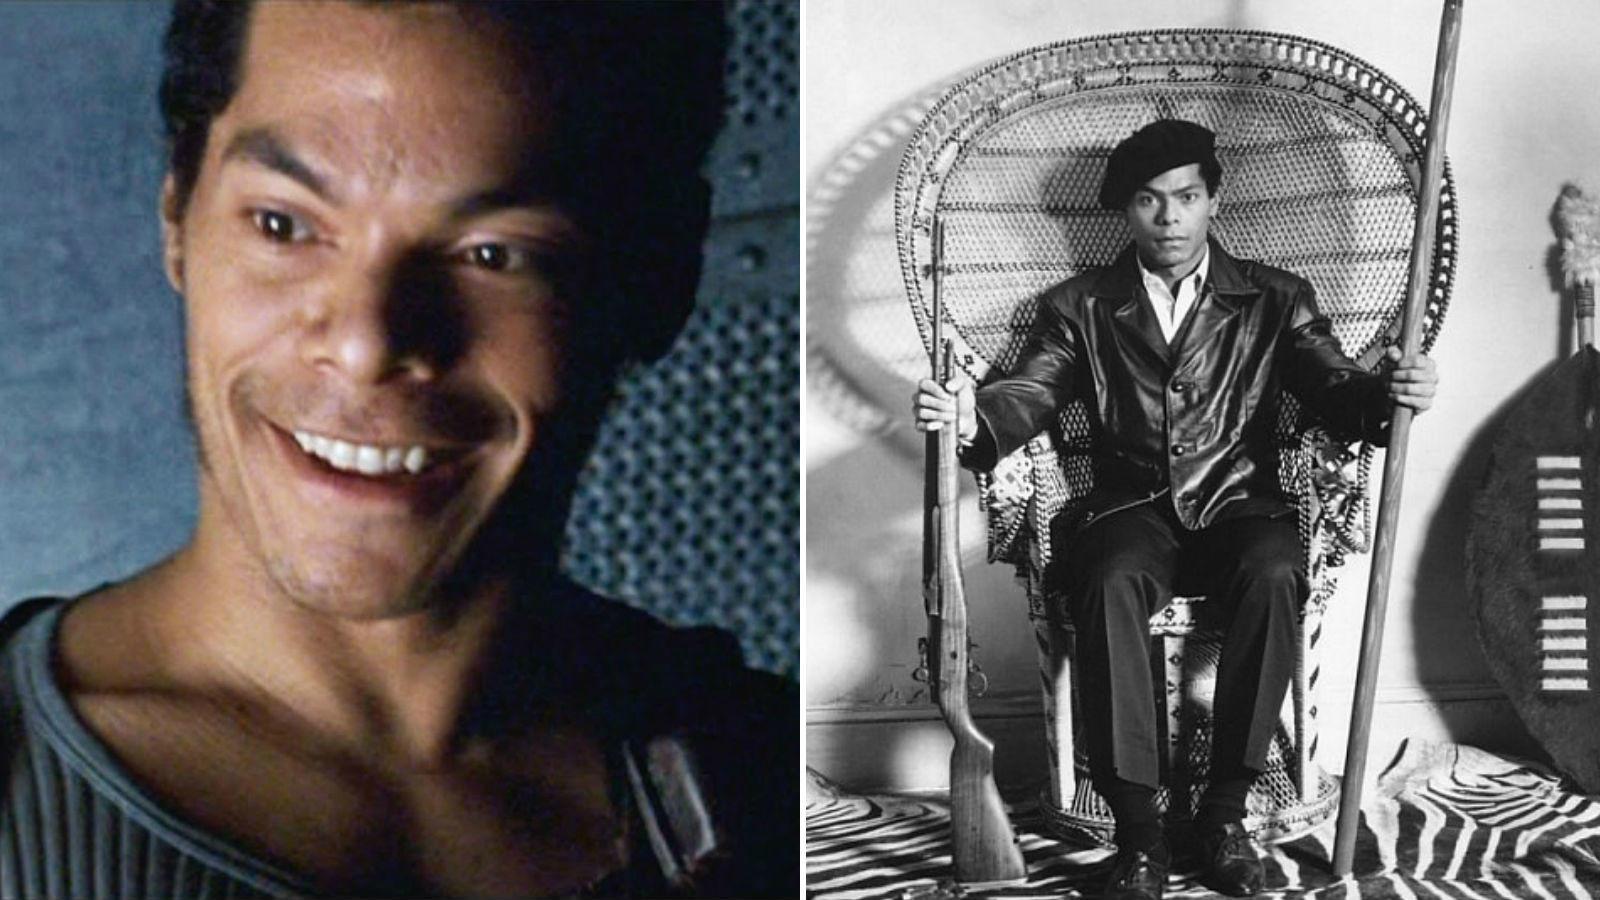 Marcus Chong a Mátrix után leginkább csak sorozatokban tűnt fel, többek között az Esküdt ellenségek, a Gyilkos számok és a Minden lében négy kanál egyes részeiben. (Warner Bros./ Gramercy Pictures)